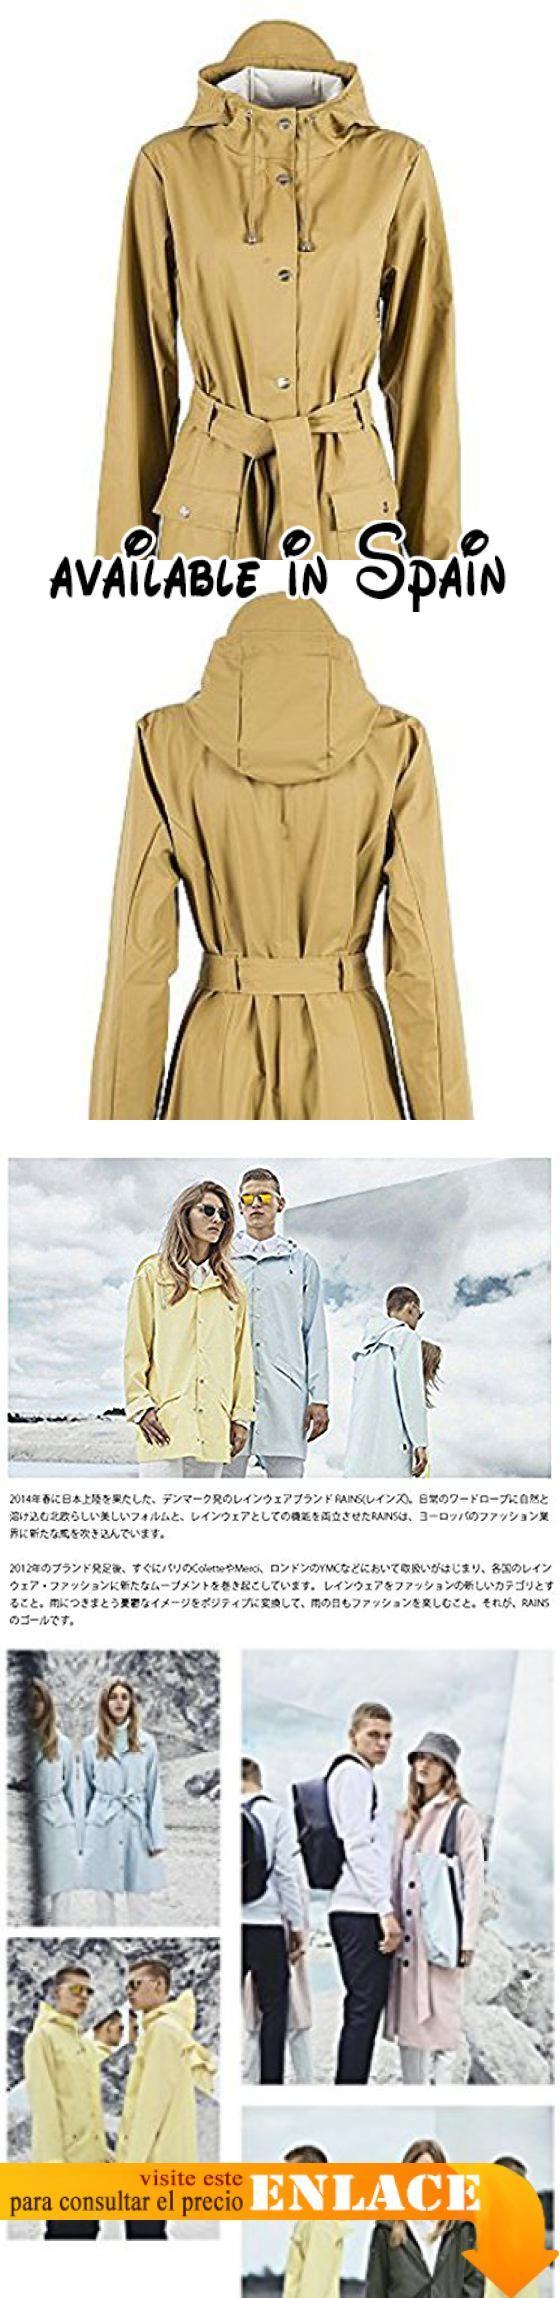 B01H6FCGU8 : Las lluvias Curve chaqueta en óxido marrón marrón XXS/XS. Resistente al agua. Ajuste estrecho. Cintura Cinturón. Peso ligero. Se puede lavar a máquina.